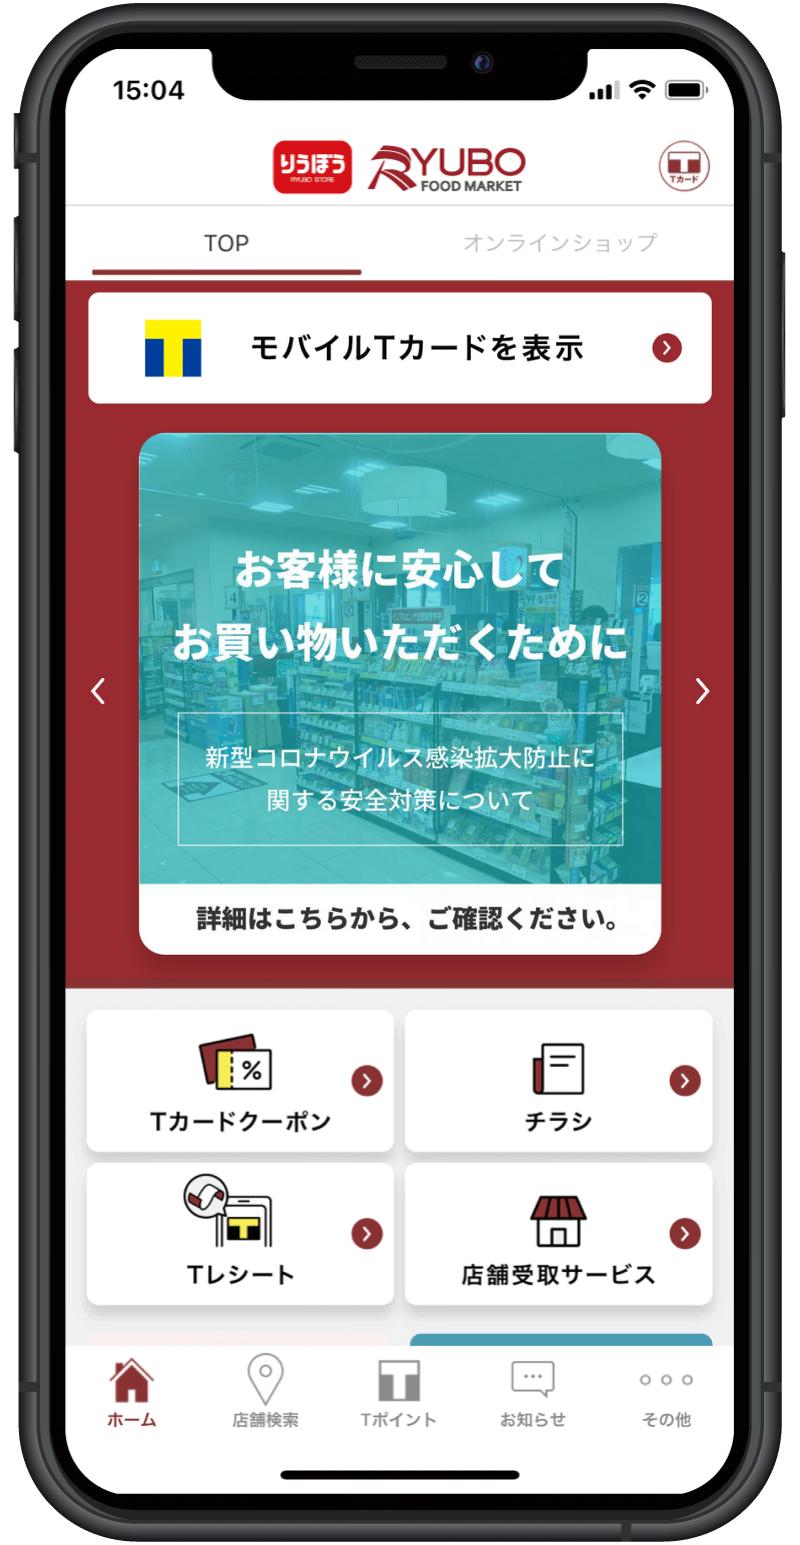 リウボウストアアプリ